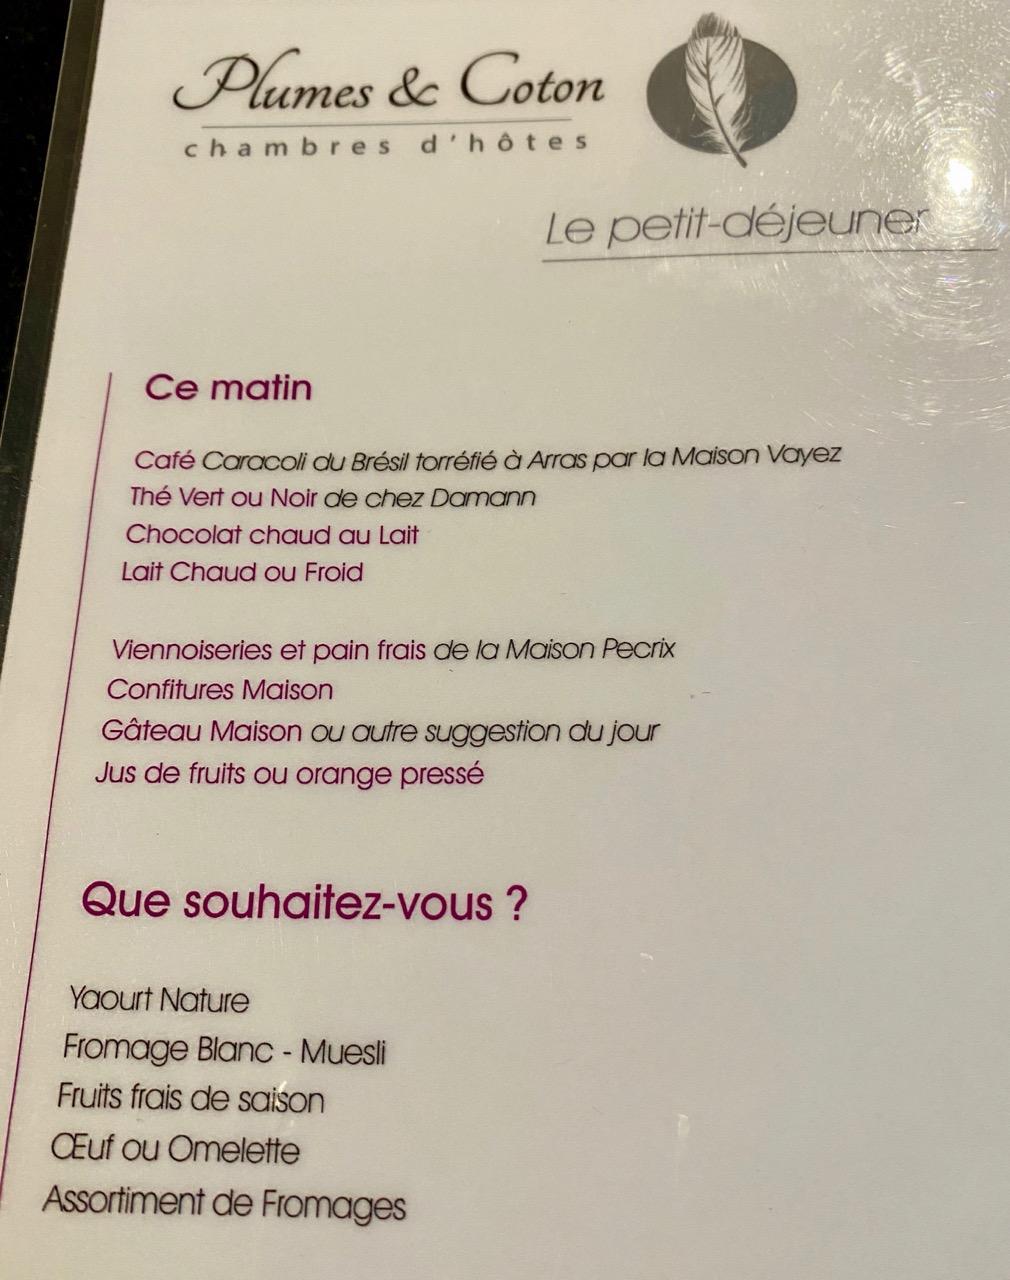 Chambres-d-hotes-Plumes-et-Coton-Ecurie-menu-petit-dejeuner